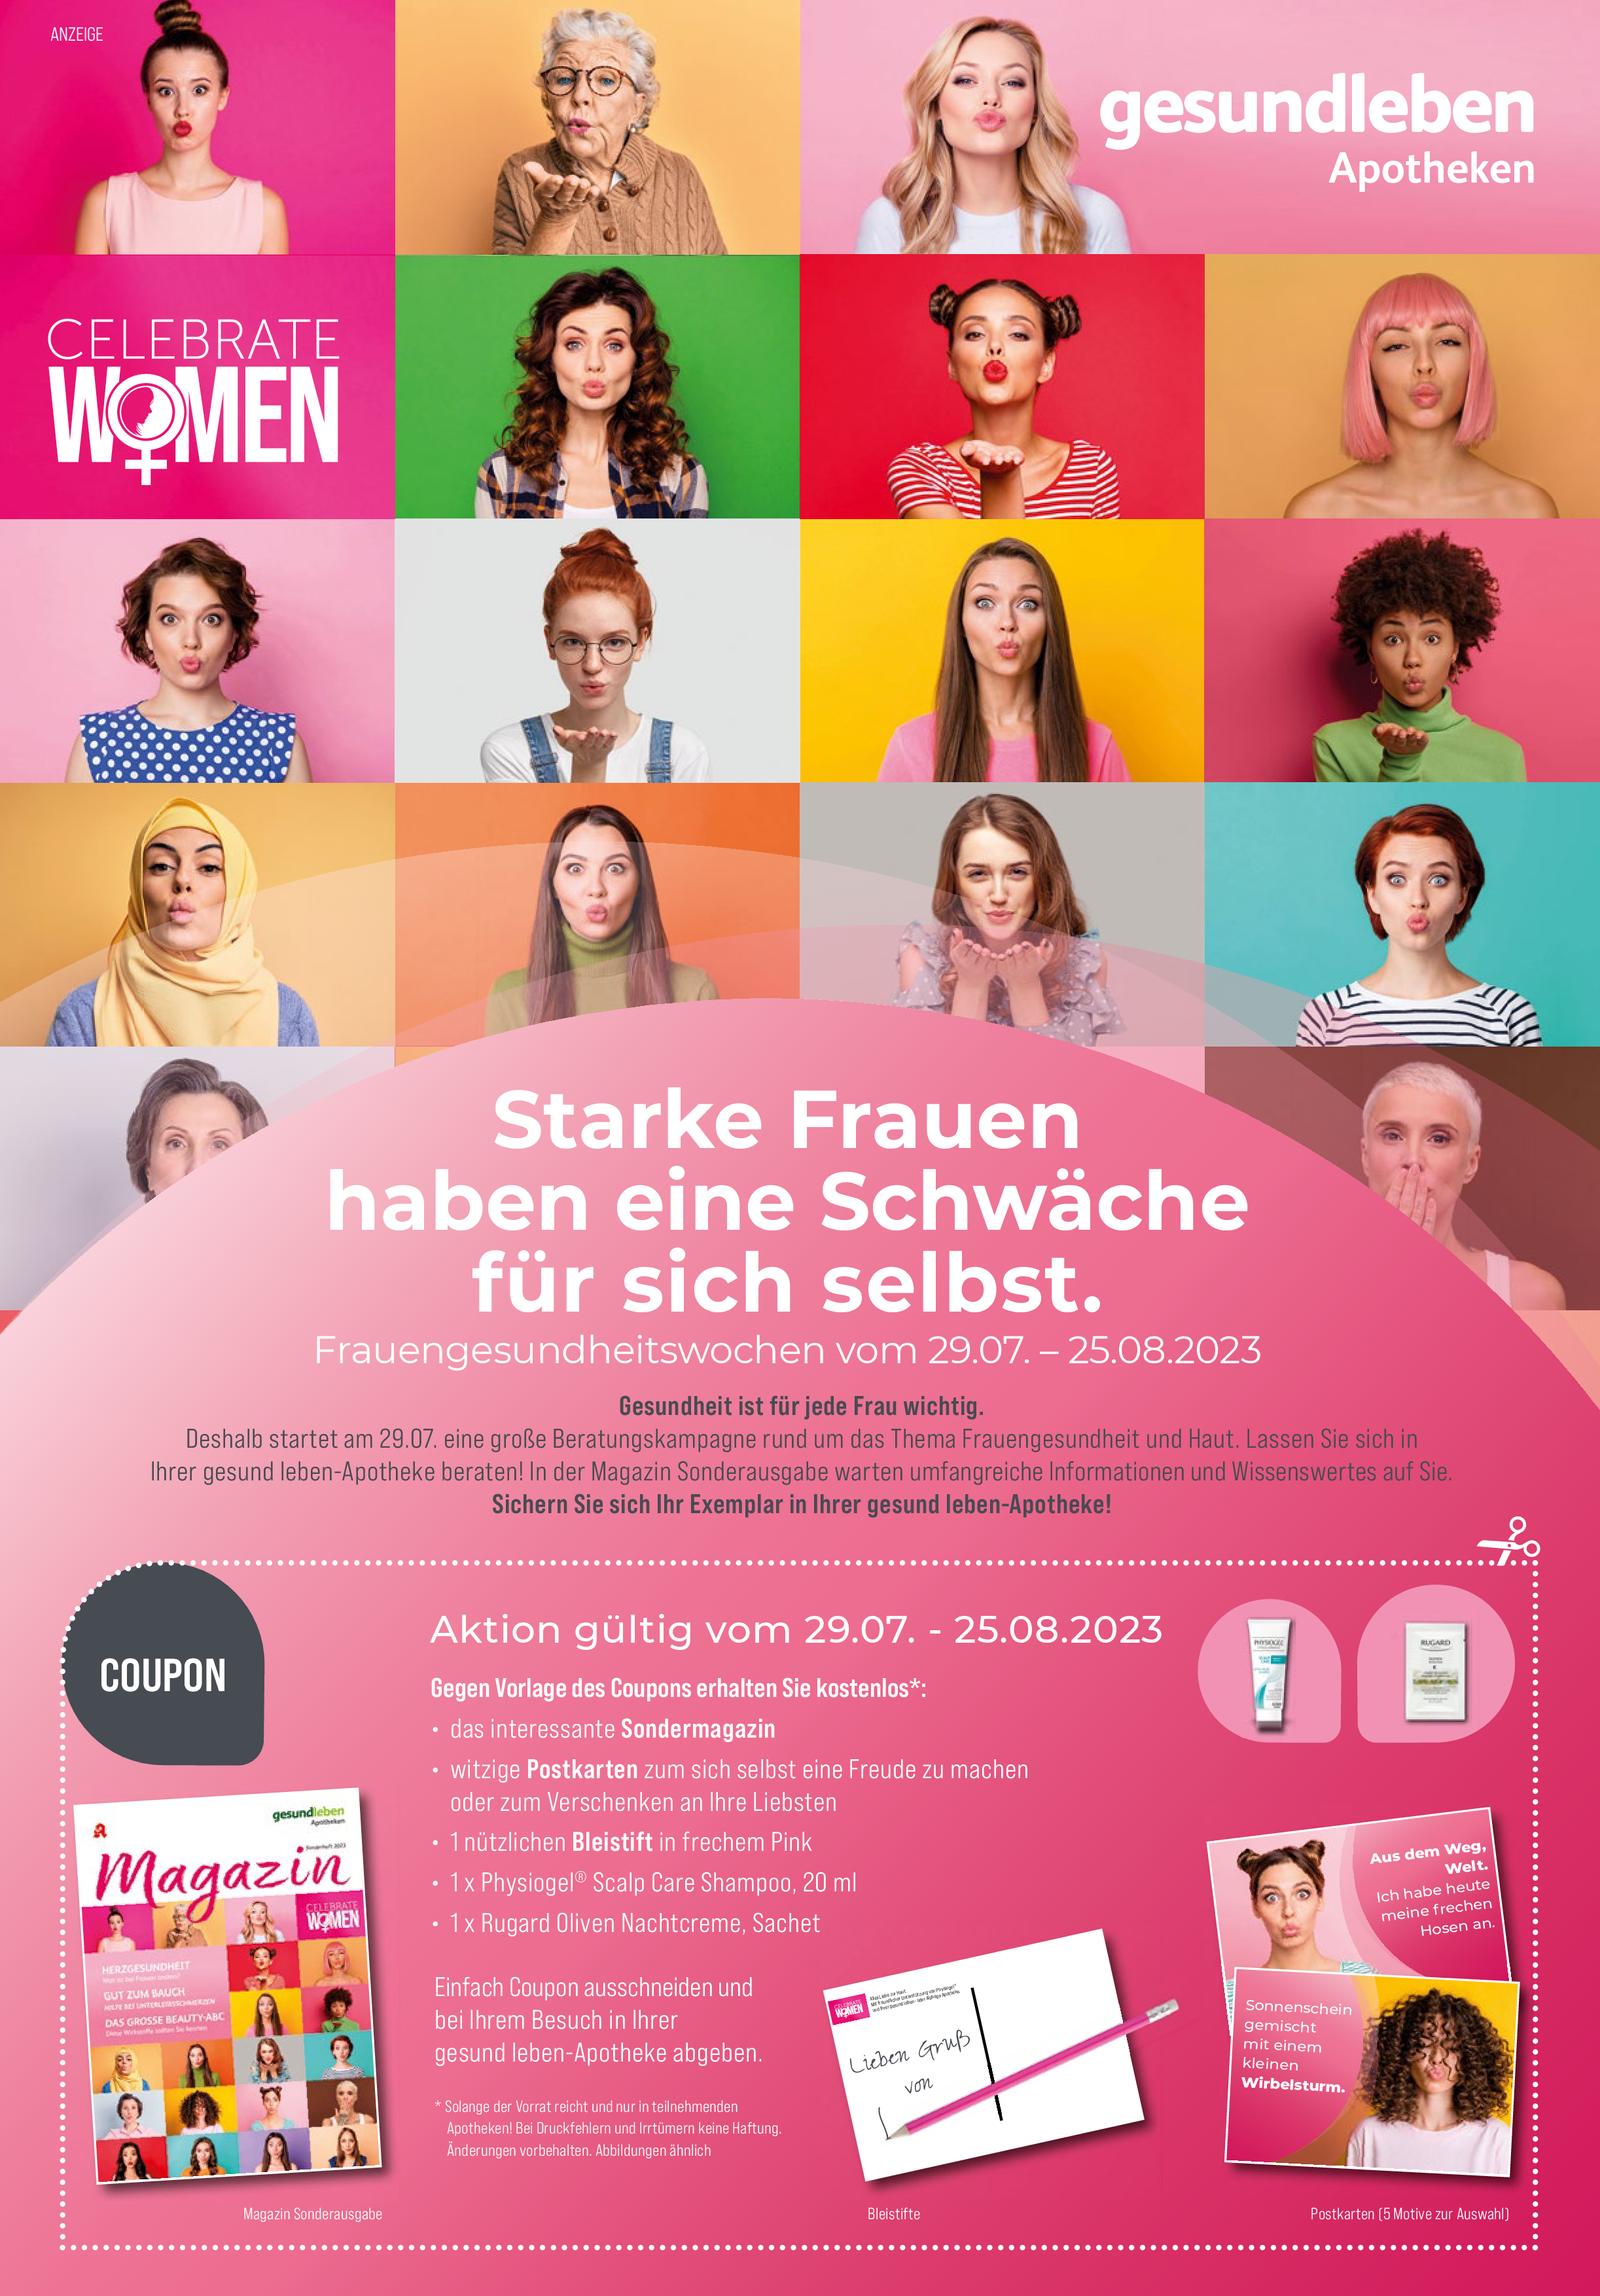 https://mein-uploads.apocdn.net/27428/leaflets/gesundleben_hoch-Seite5.png